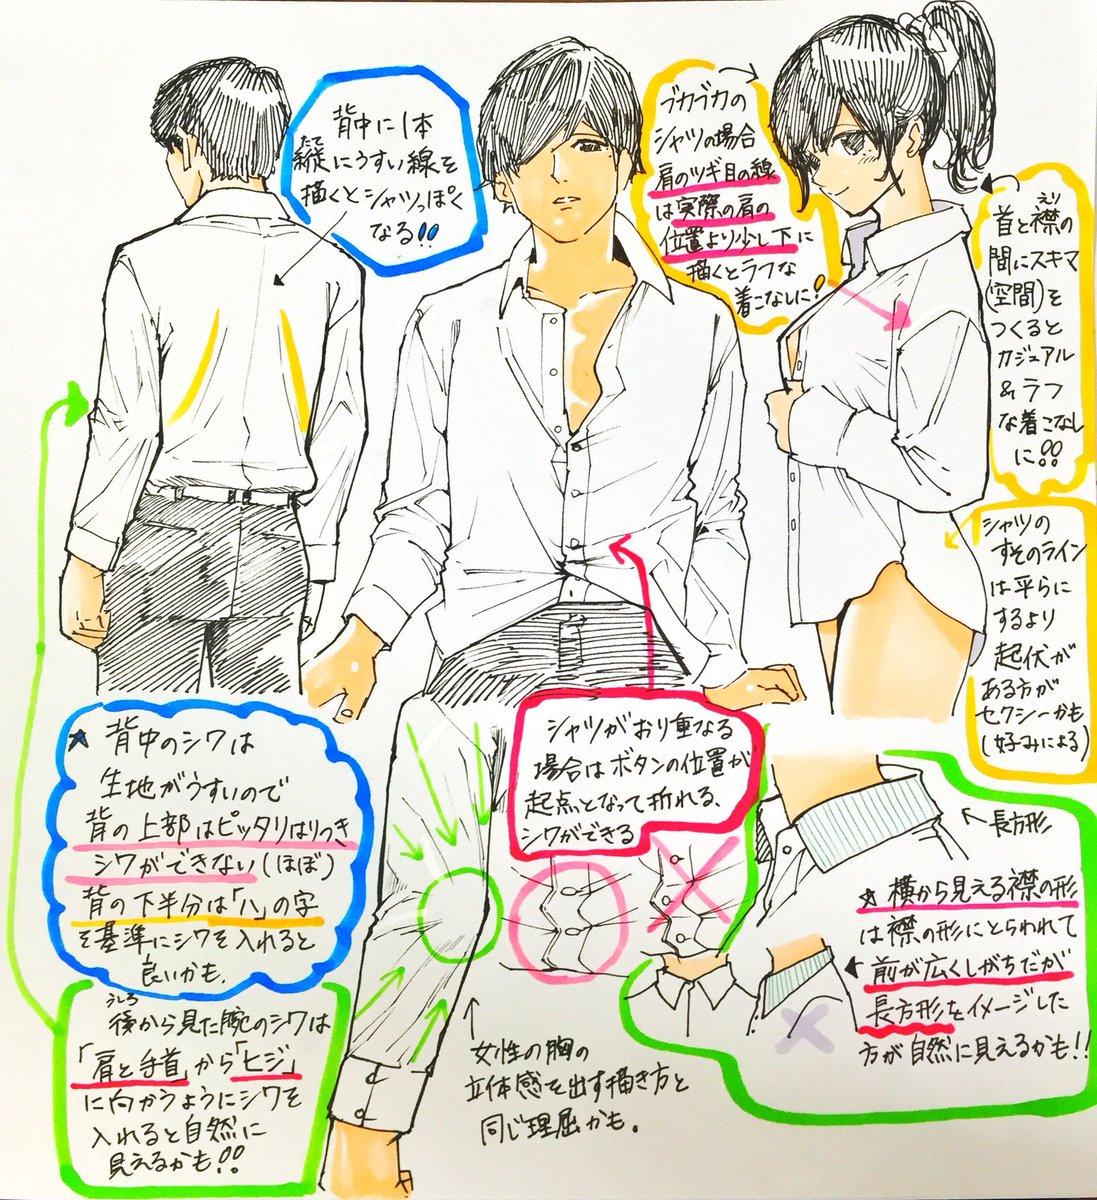 吉村拓也fanboxイラスト講座 On Twitter シャツ服の描き方